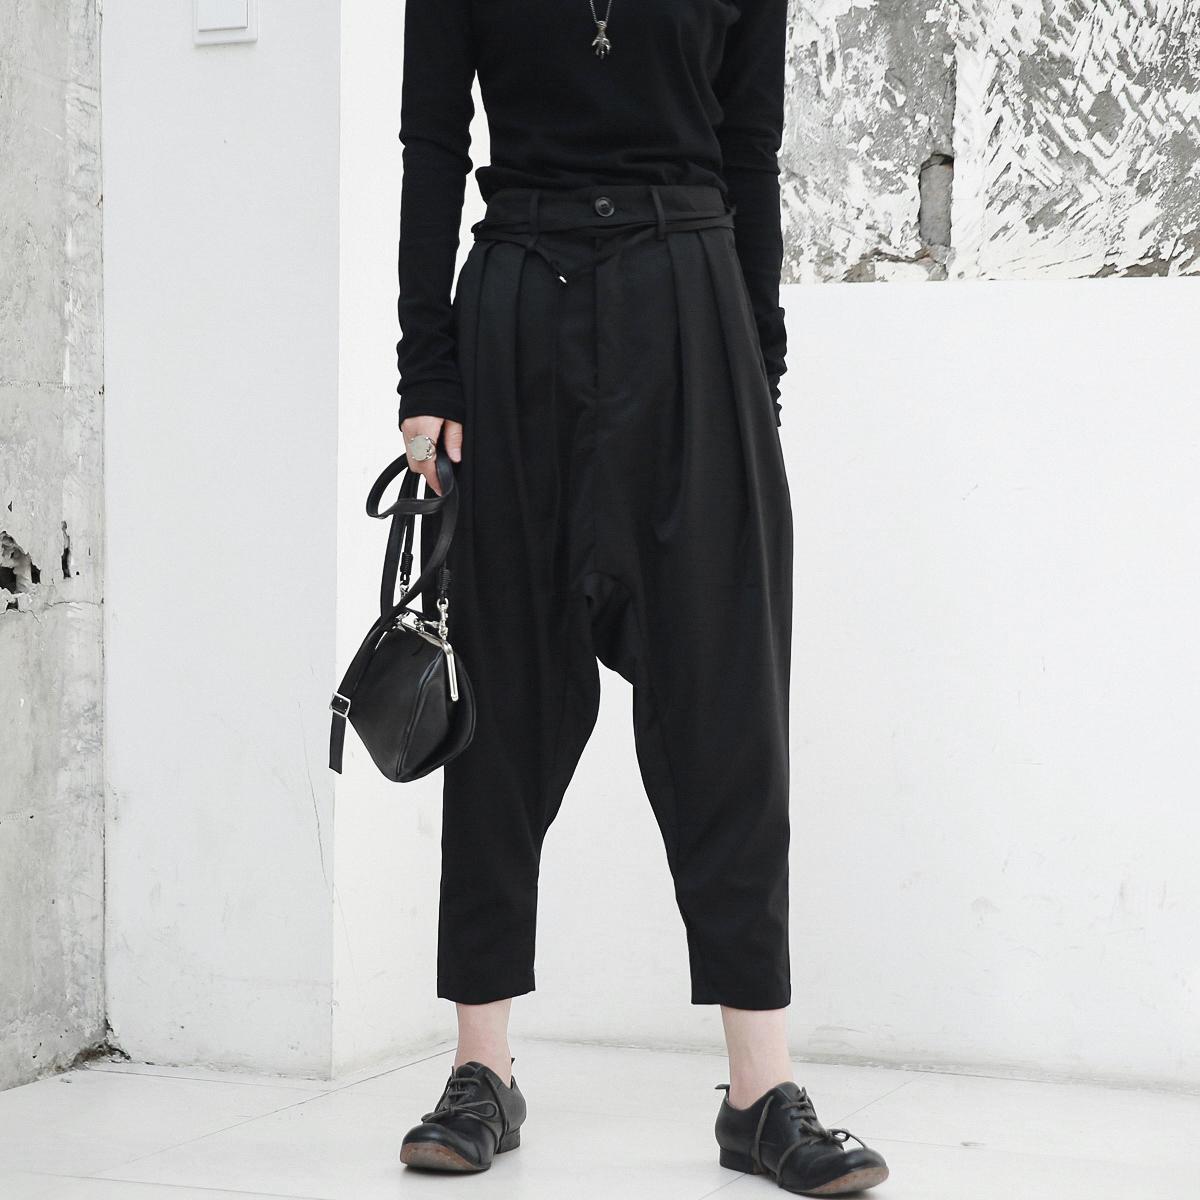 休闲裤 SIMPLE BLACK 暗黑风简约腰带装饰吊裆九分女士休闲裤_推荐淘宝好看的女休闲裤